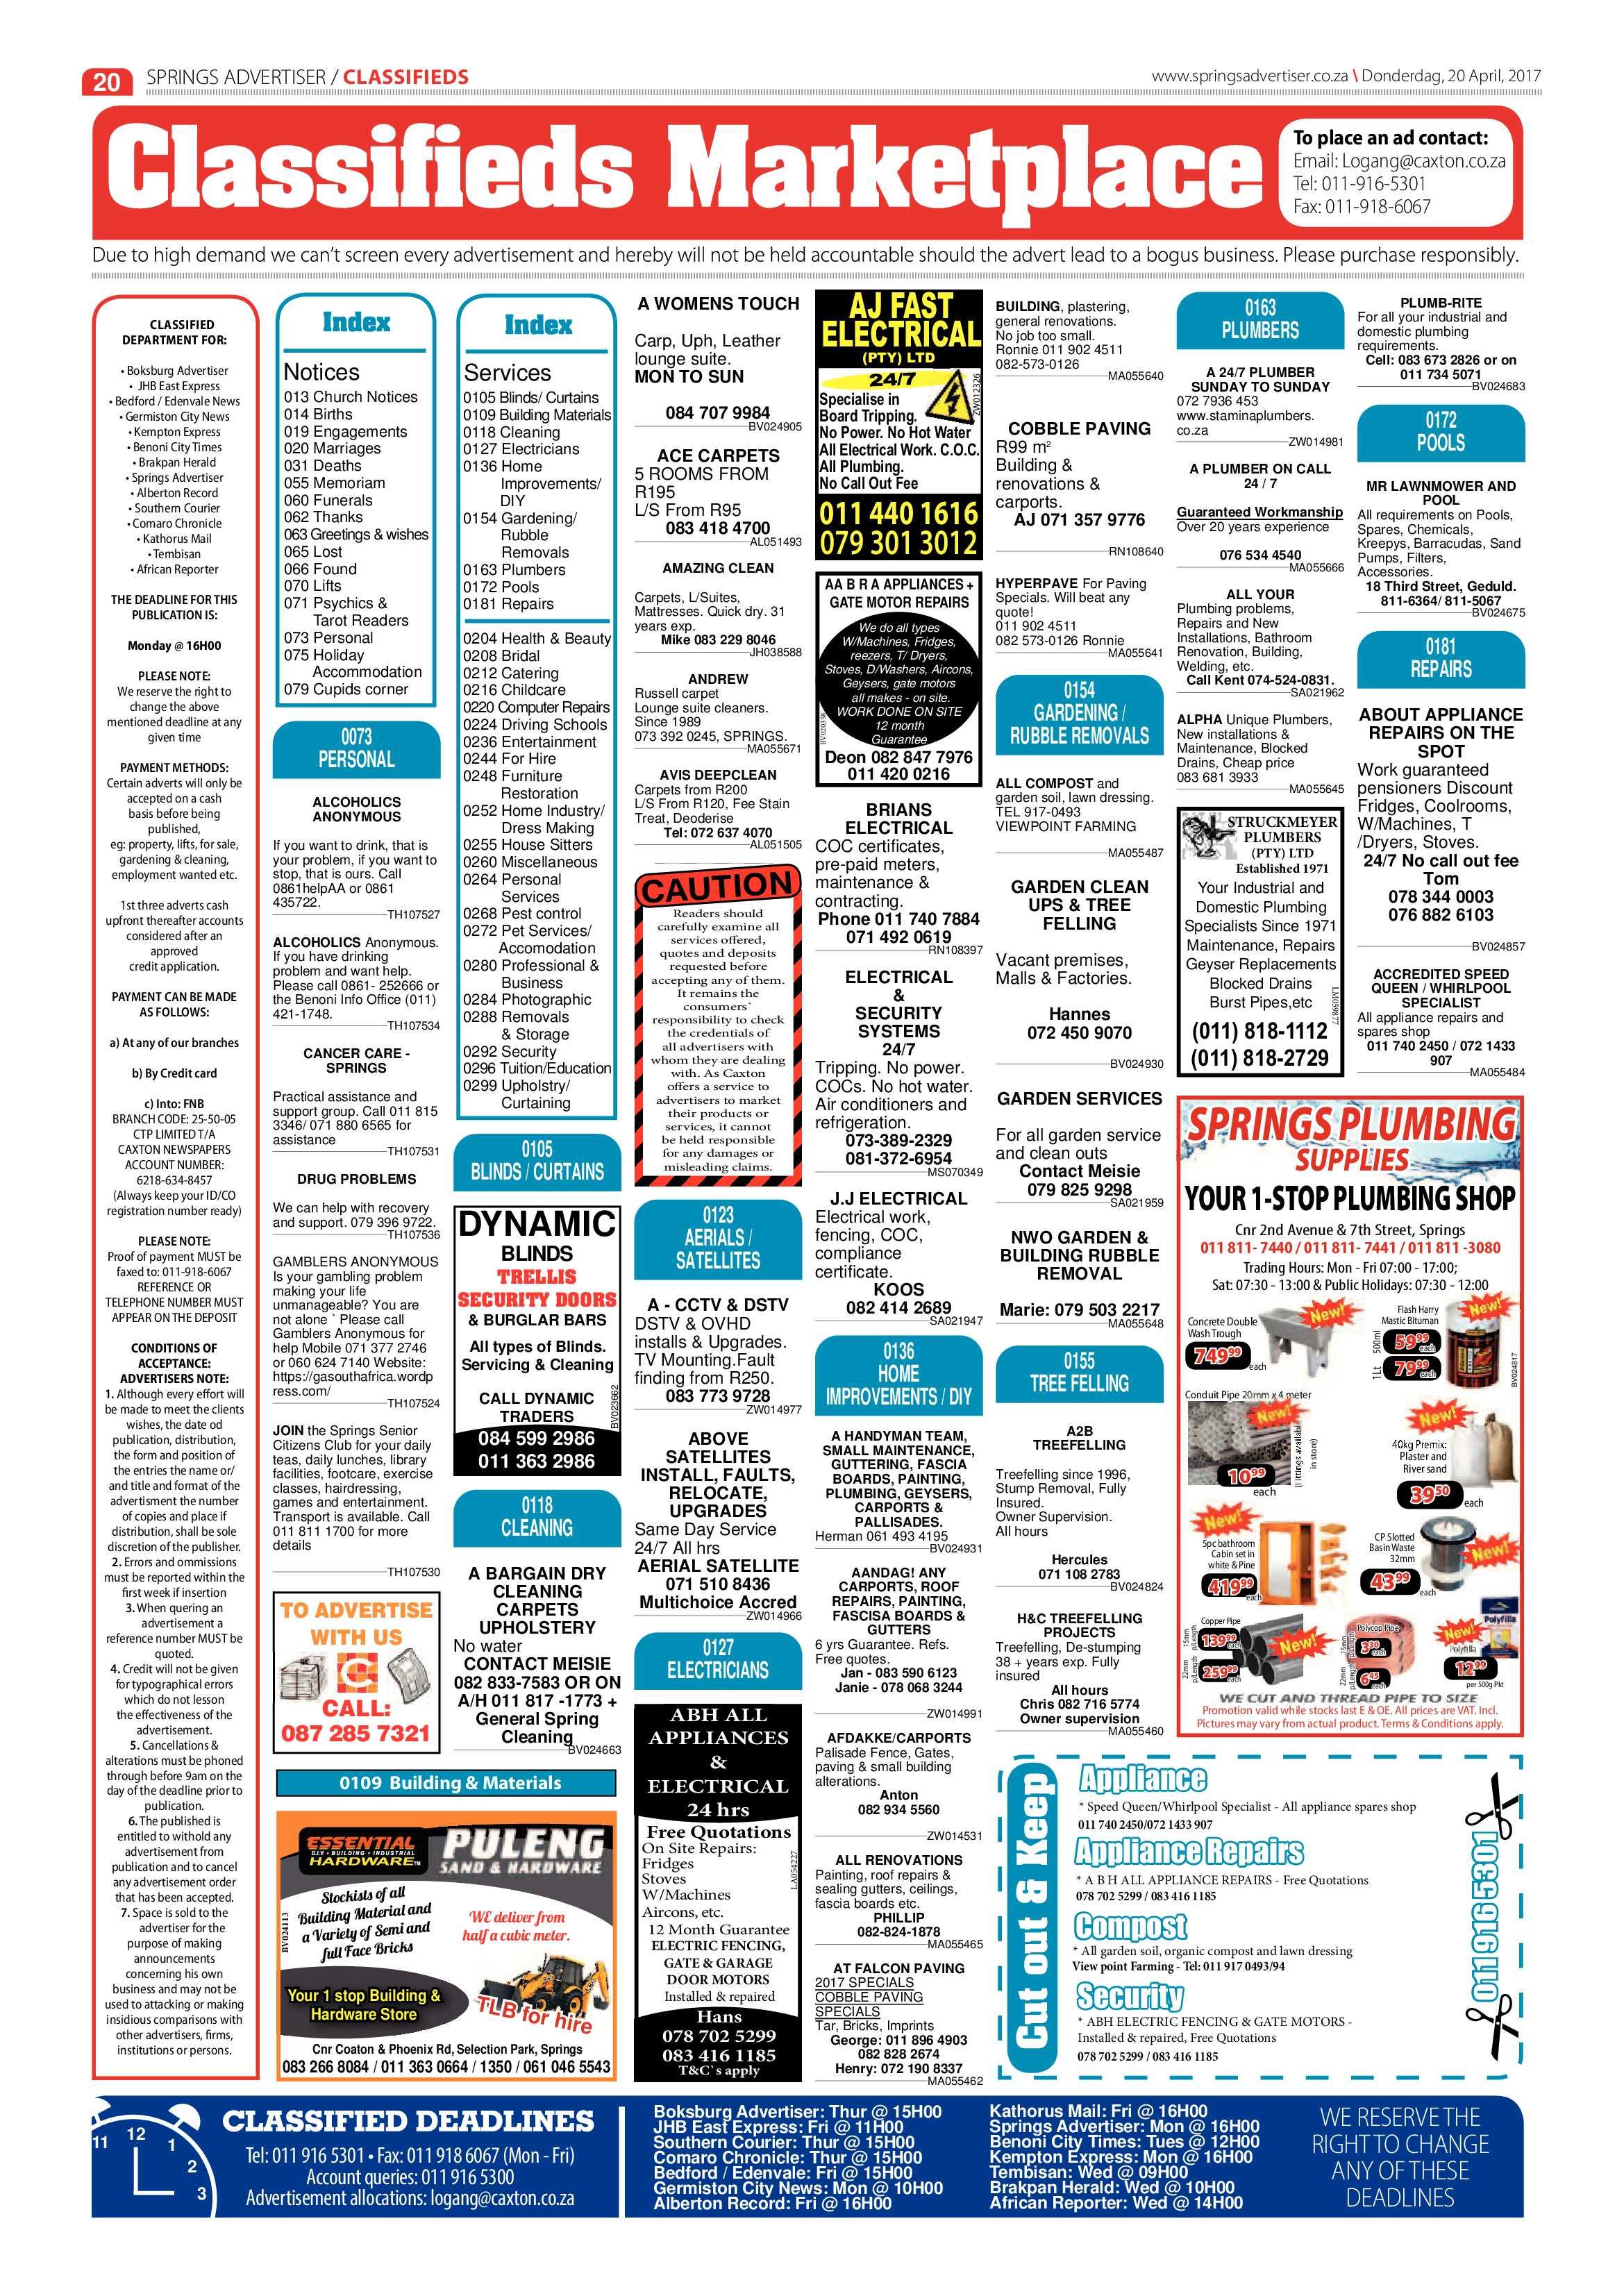 springs-advertiser-2-april-2017-epapers-page-20